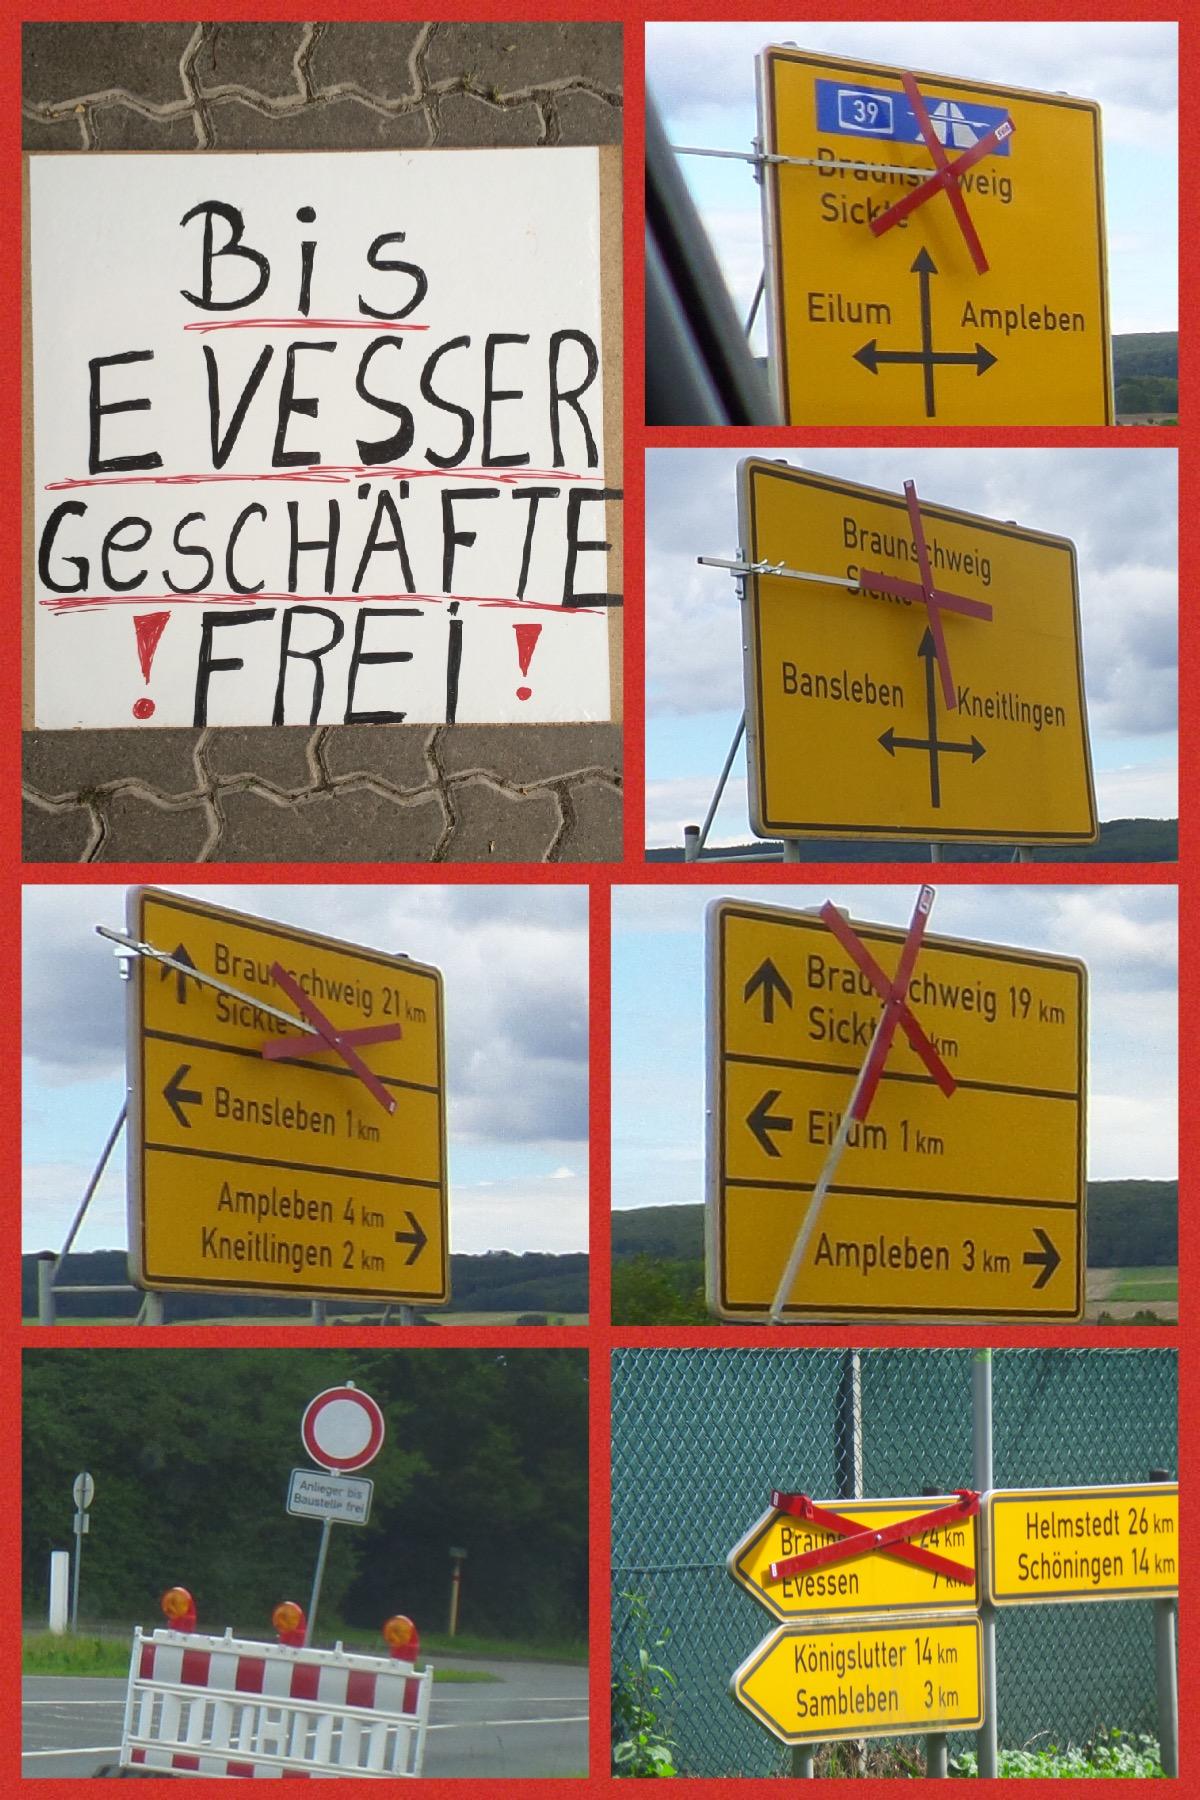 Trotz irreführender Beschilderung ist aus Schöppenstedt der Weg zu allen Geschäften in Evessen frei !!!!!!!